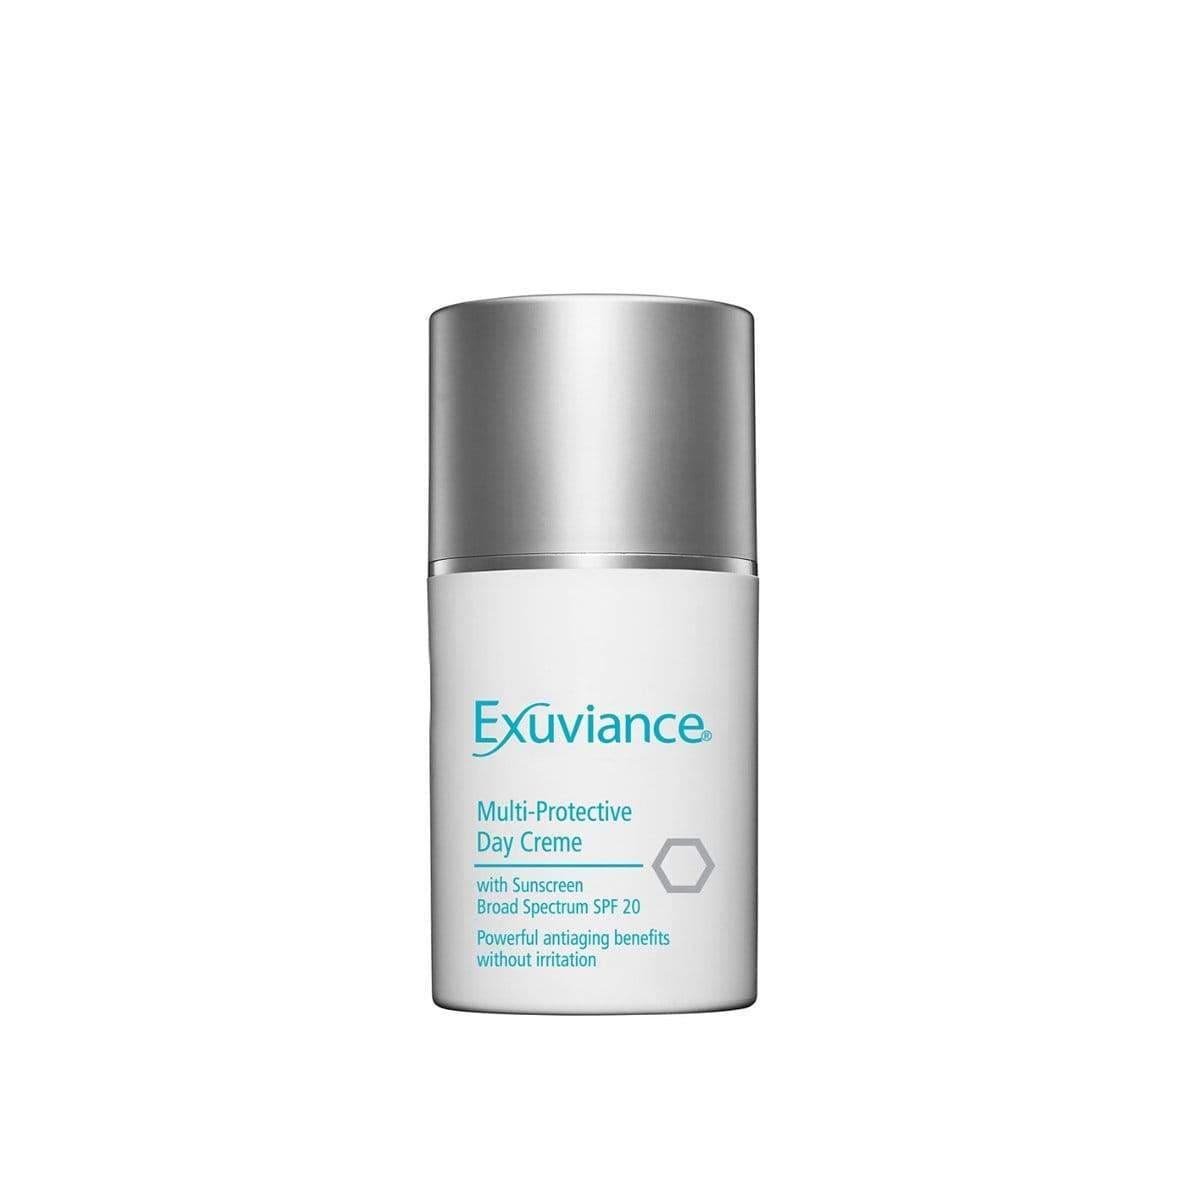 (RU) Дневной базовый защитный крем Exuviance Multi-Protective Day Cream